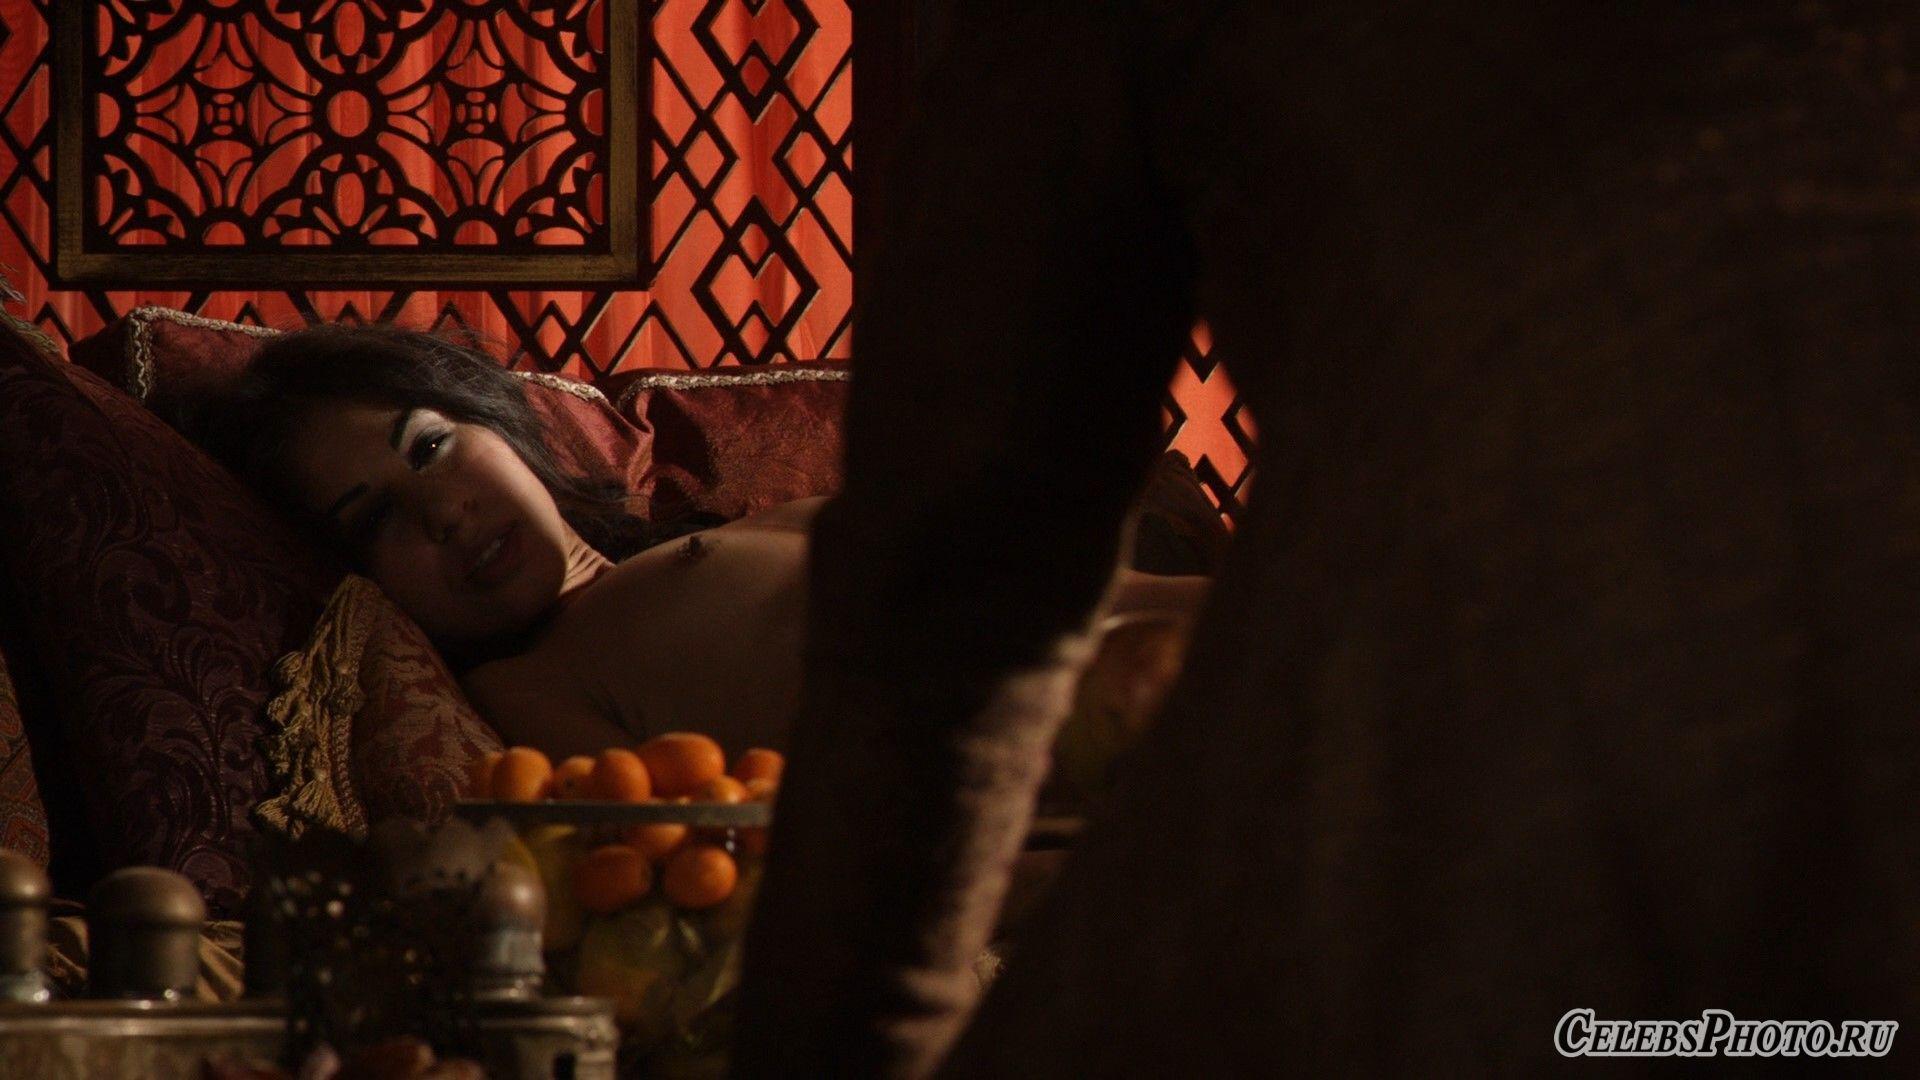 Игра престолов – Сахара Найт